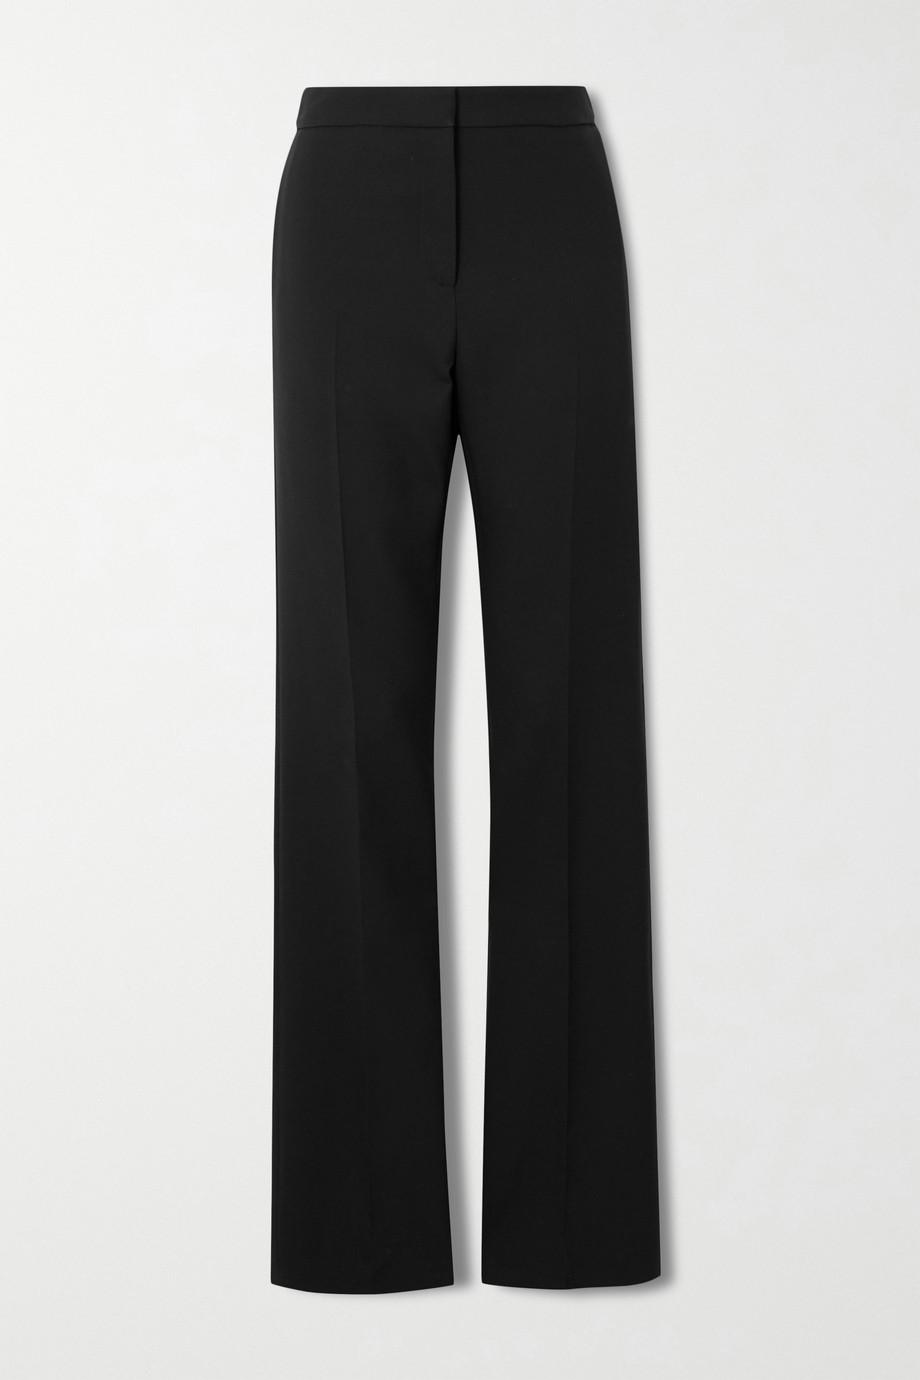 Alexander McQueen Pantalon droit en laine mélangée